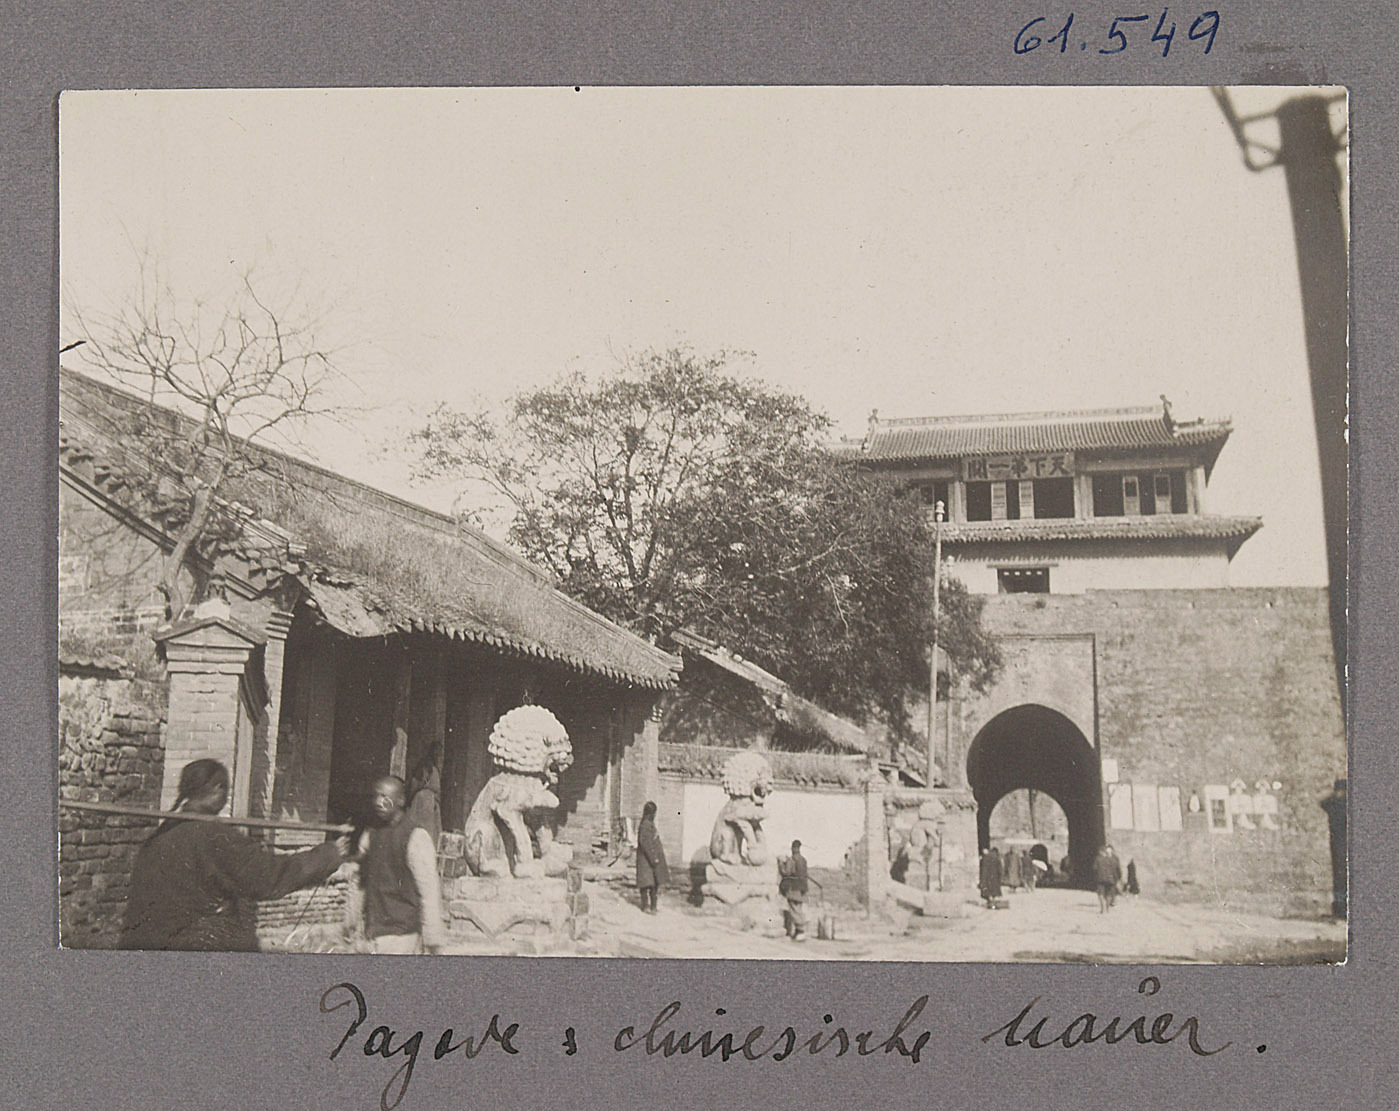 Shan-hai-kuan. Pagode & chinesische Mauer von Otto Uhlir